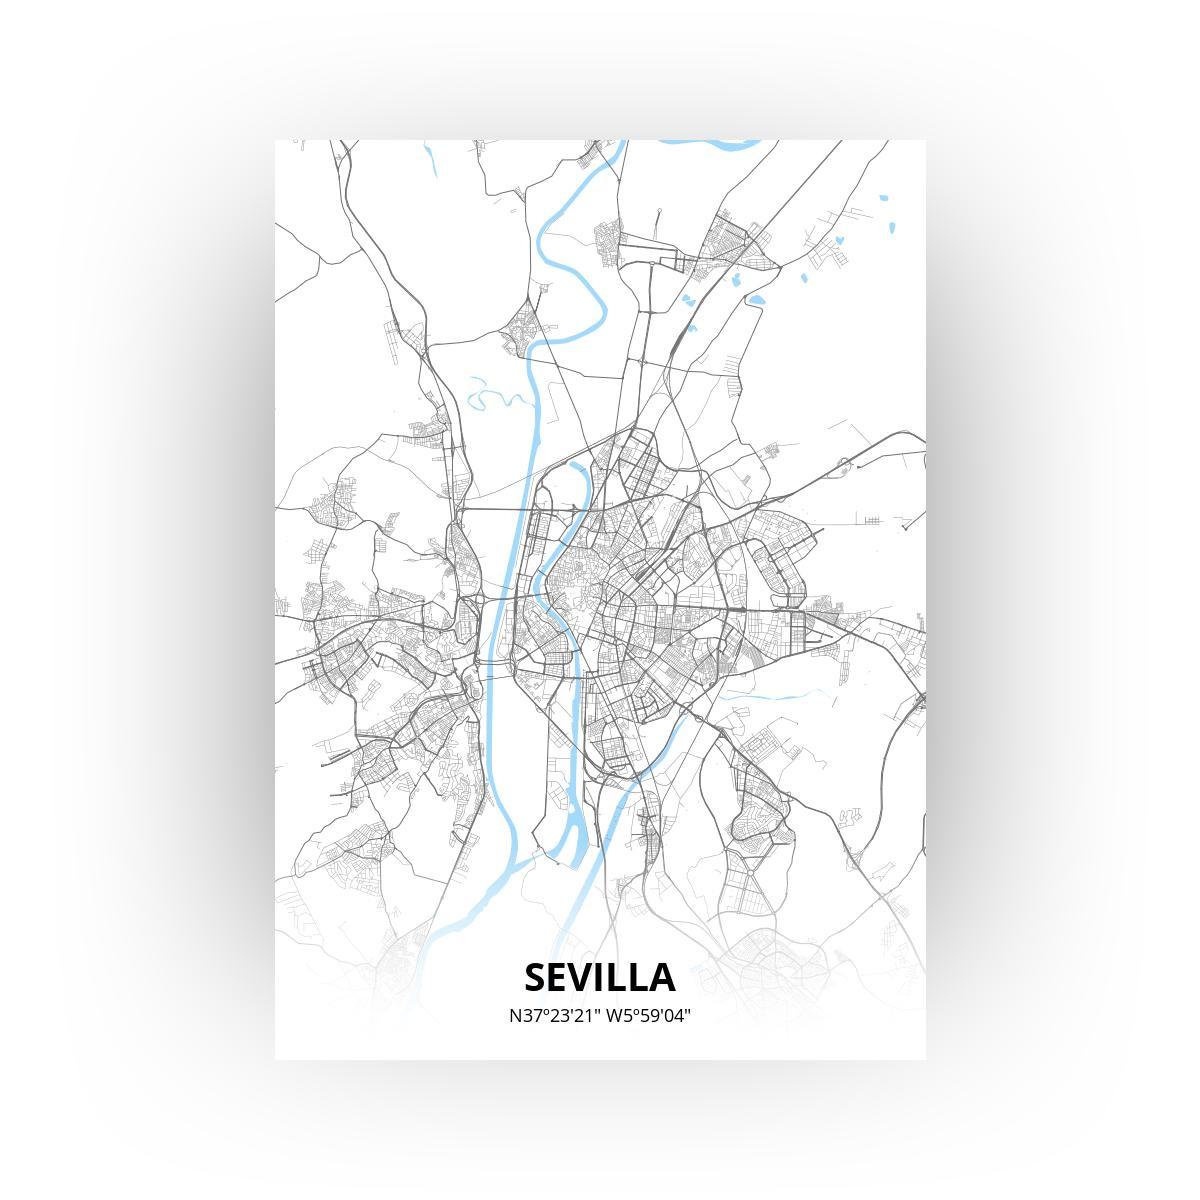 Sevilla poster - Zelf aan te passen!